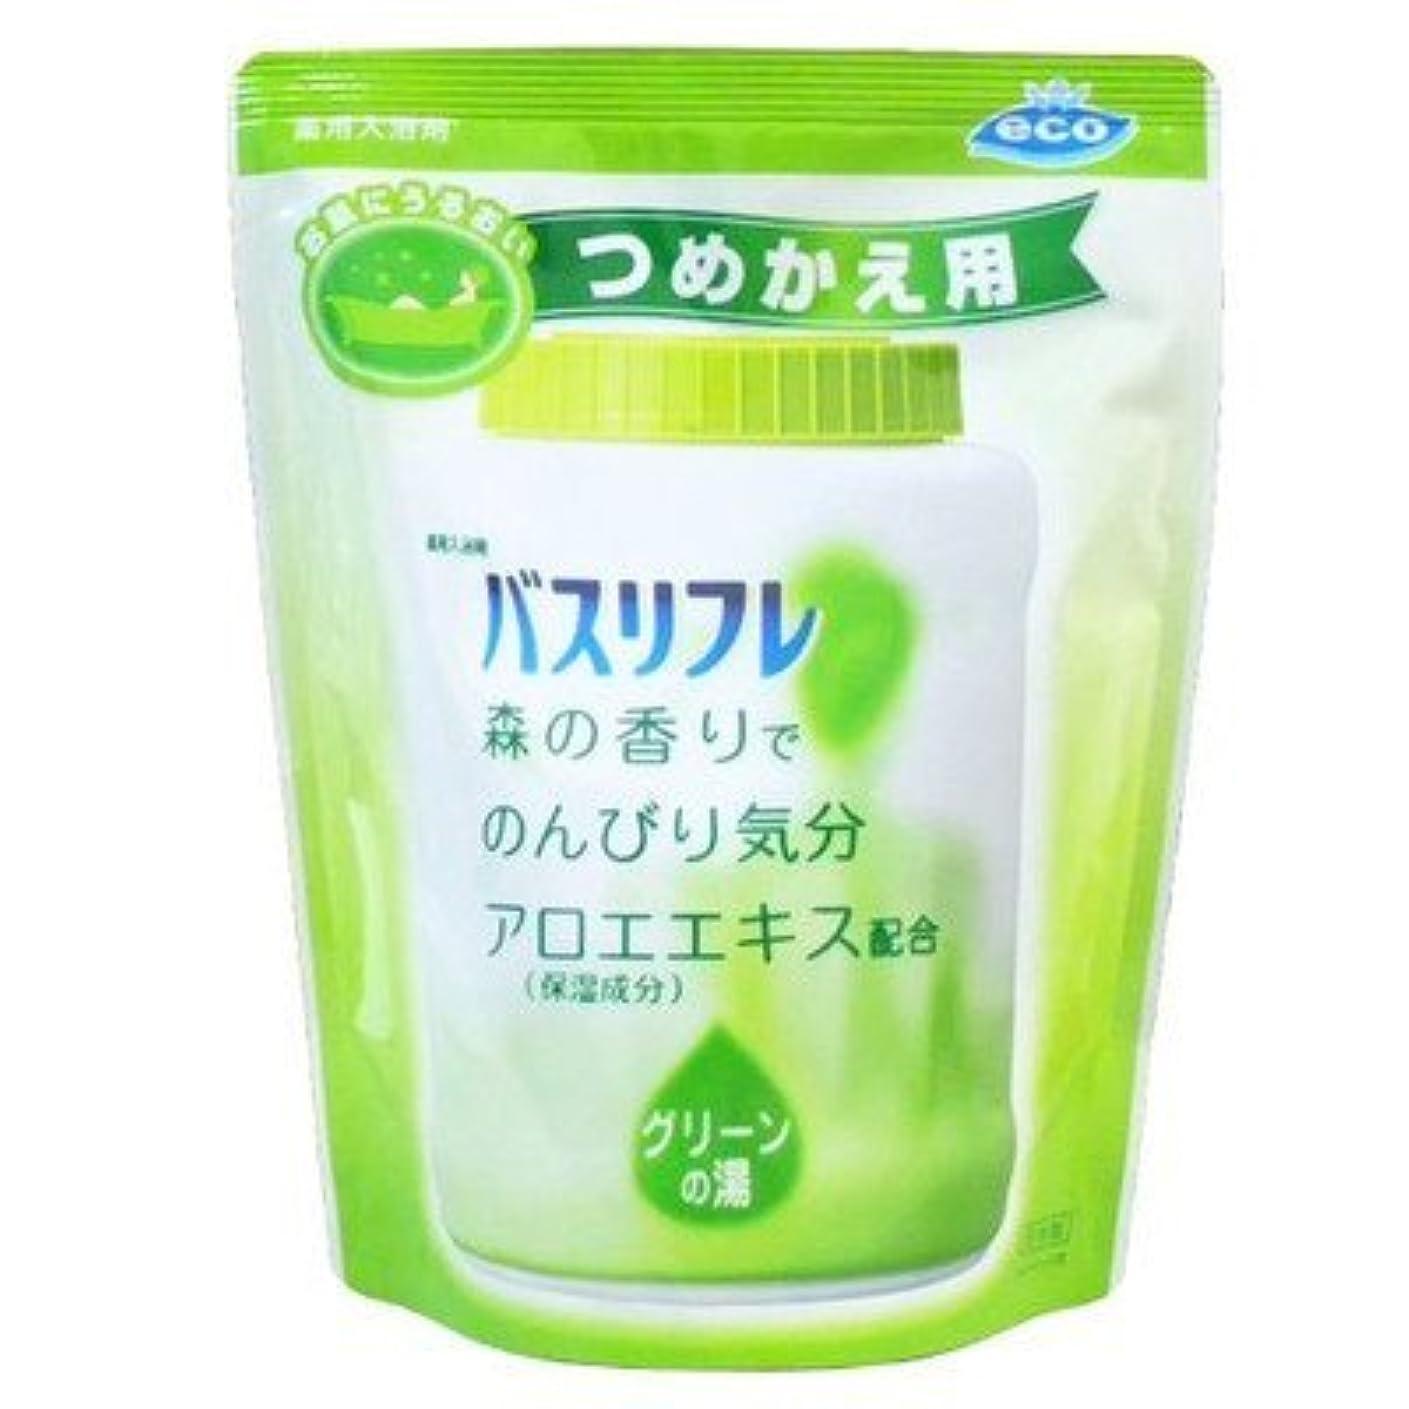 怒って宮殿に関して薬用入浴剤 バスリフレ グリーンの湯 つめかえ用 540g 森の香り (ライオンケミカル) Japan